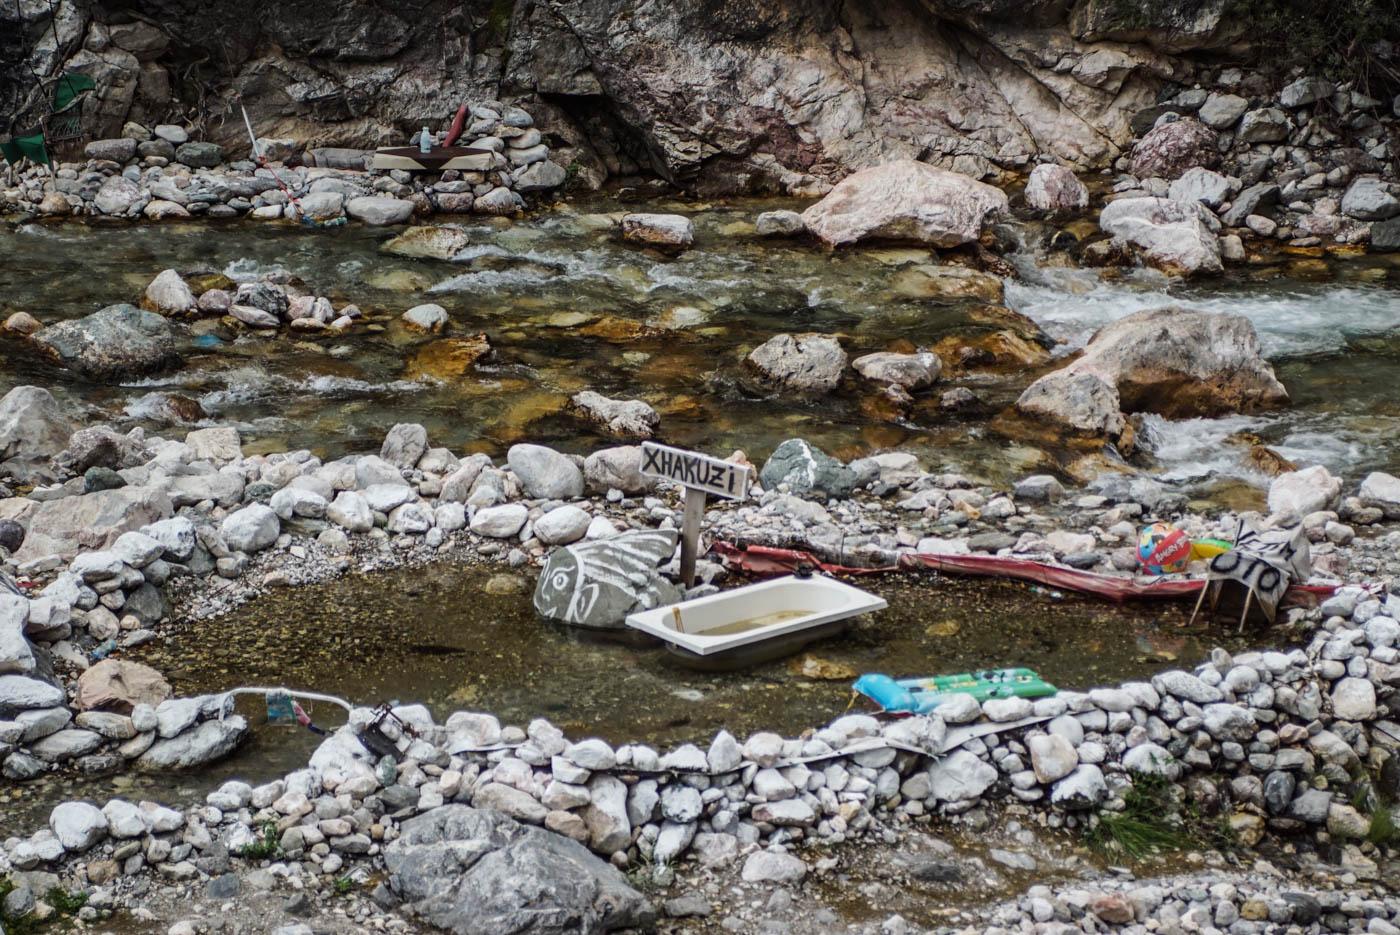 Zu sehen ist wie in einem Fluss mit auf gehäuften Steinen ein künstliches Becken gebildet wurde in der Mitte steht eine Badewanne mit einem Schild dahinter auf dem Jacuzzi steht.